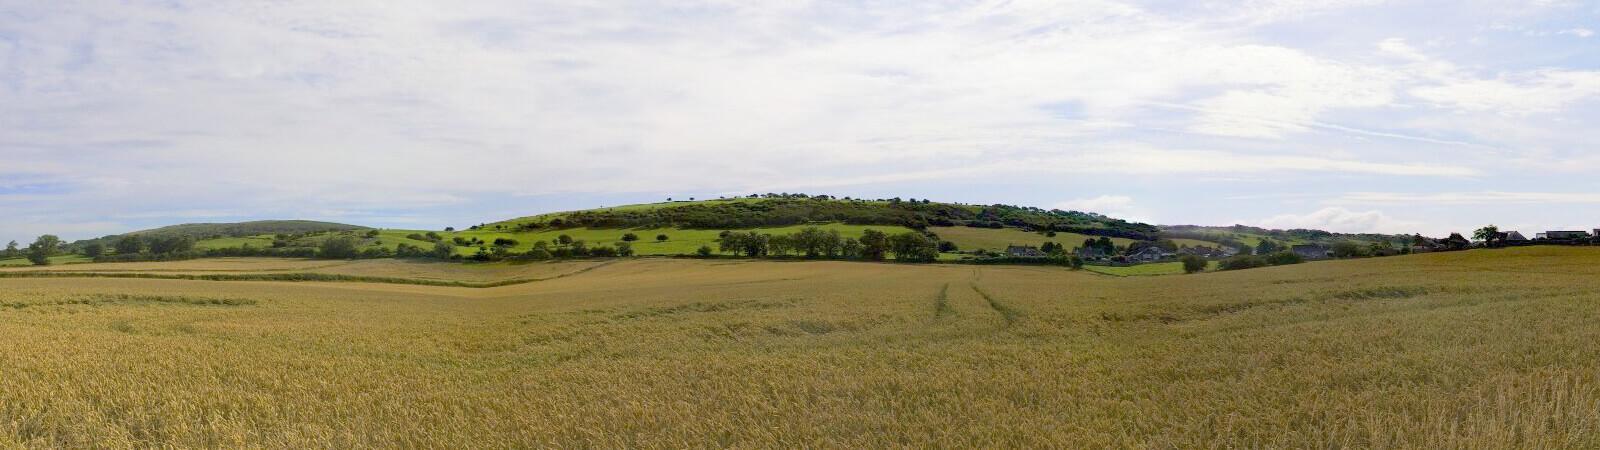 Allithwaite Village